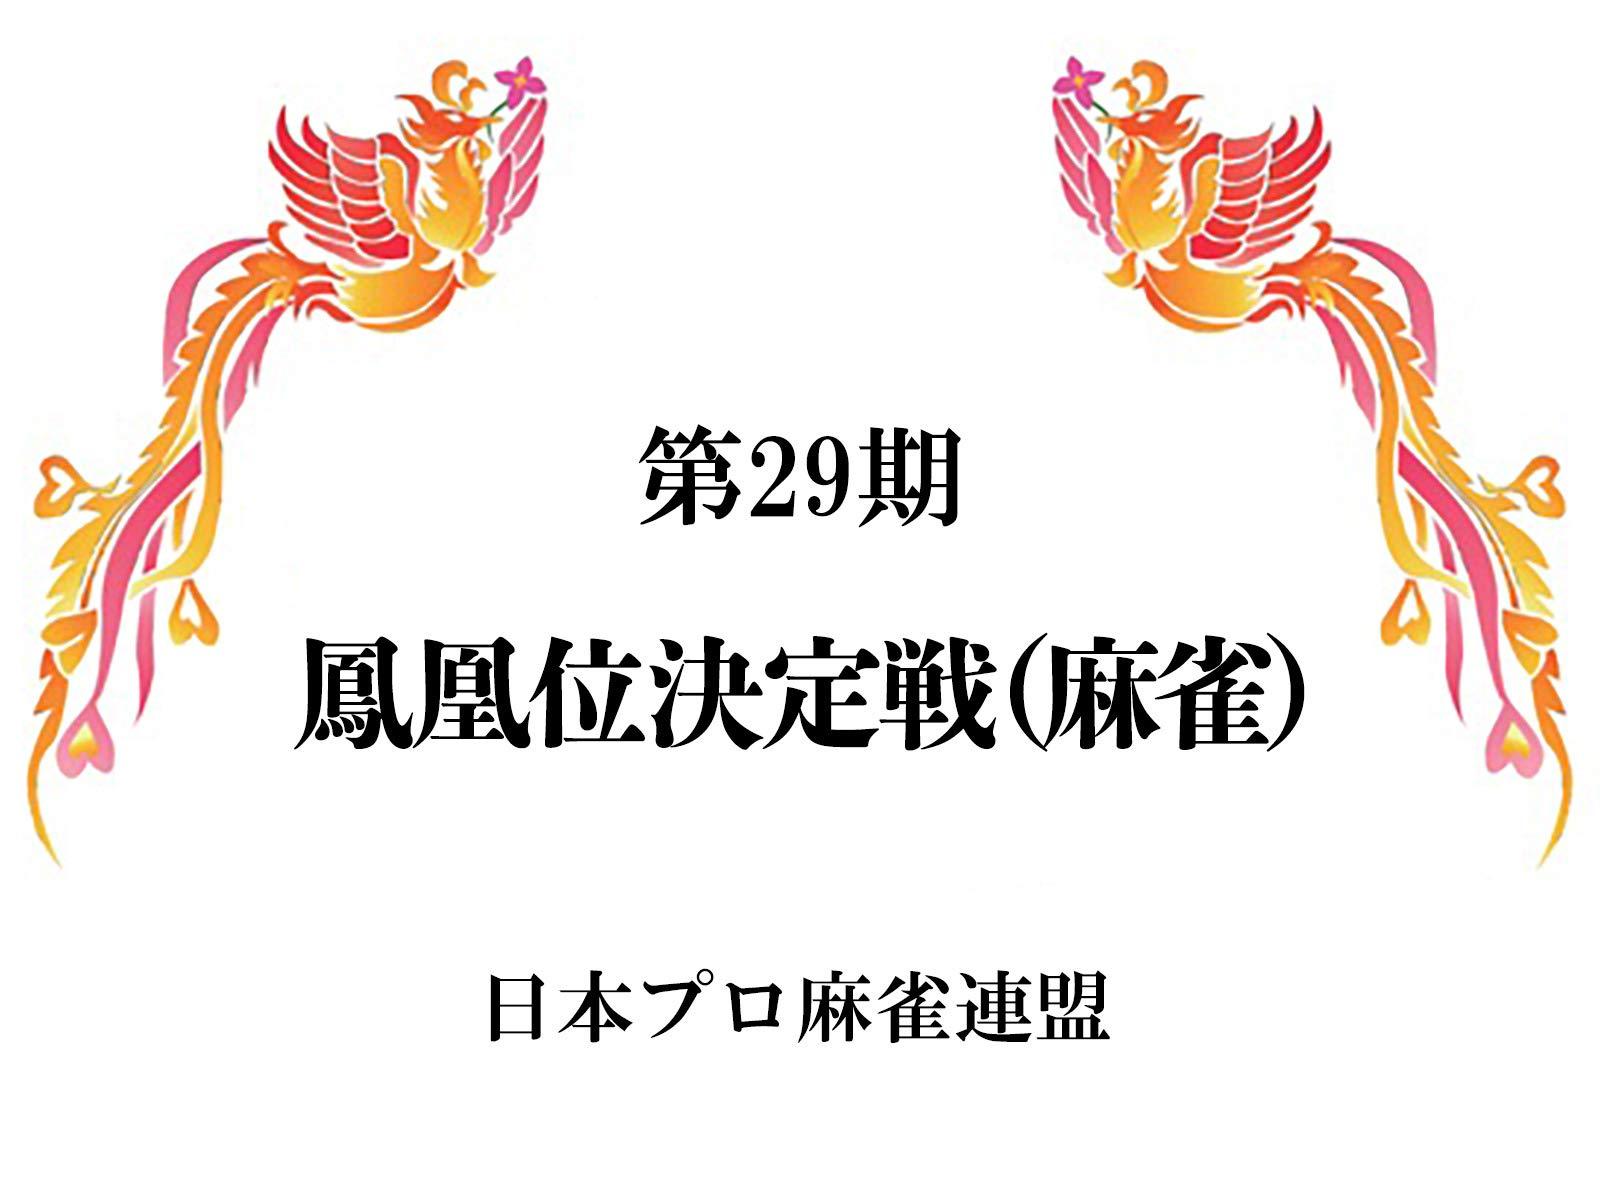 鳳凰 戦 a1 リーグ